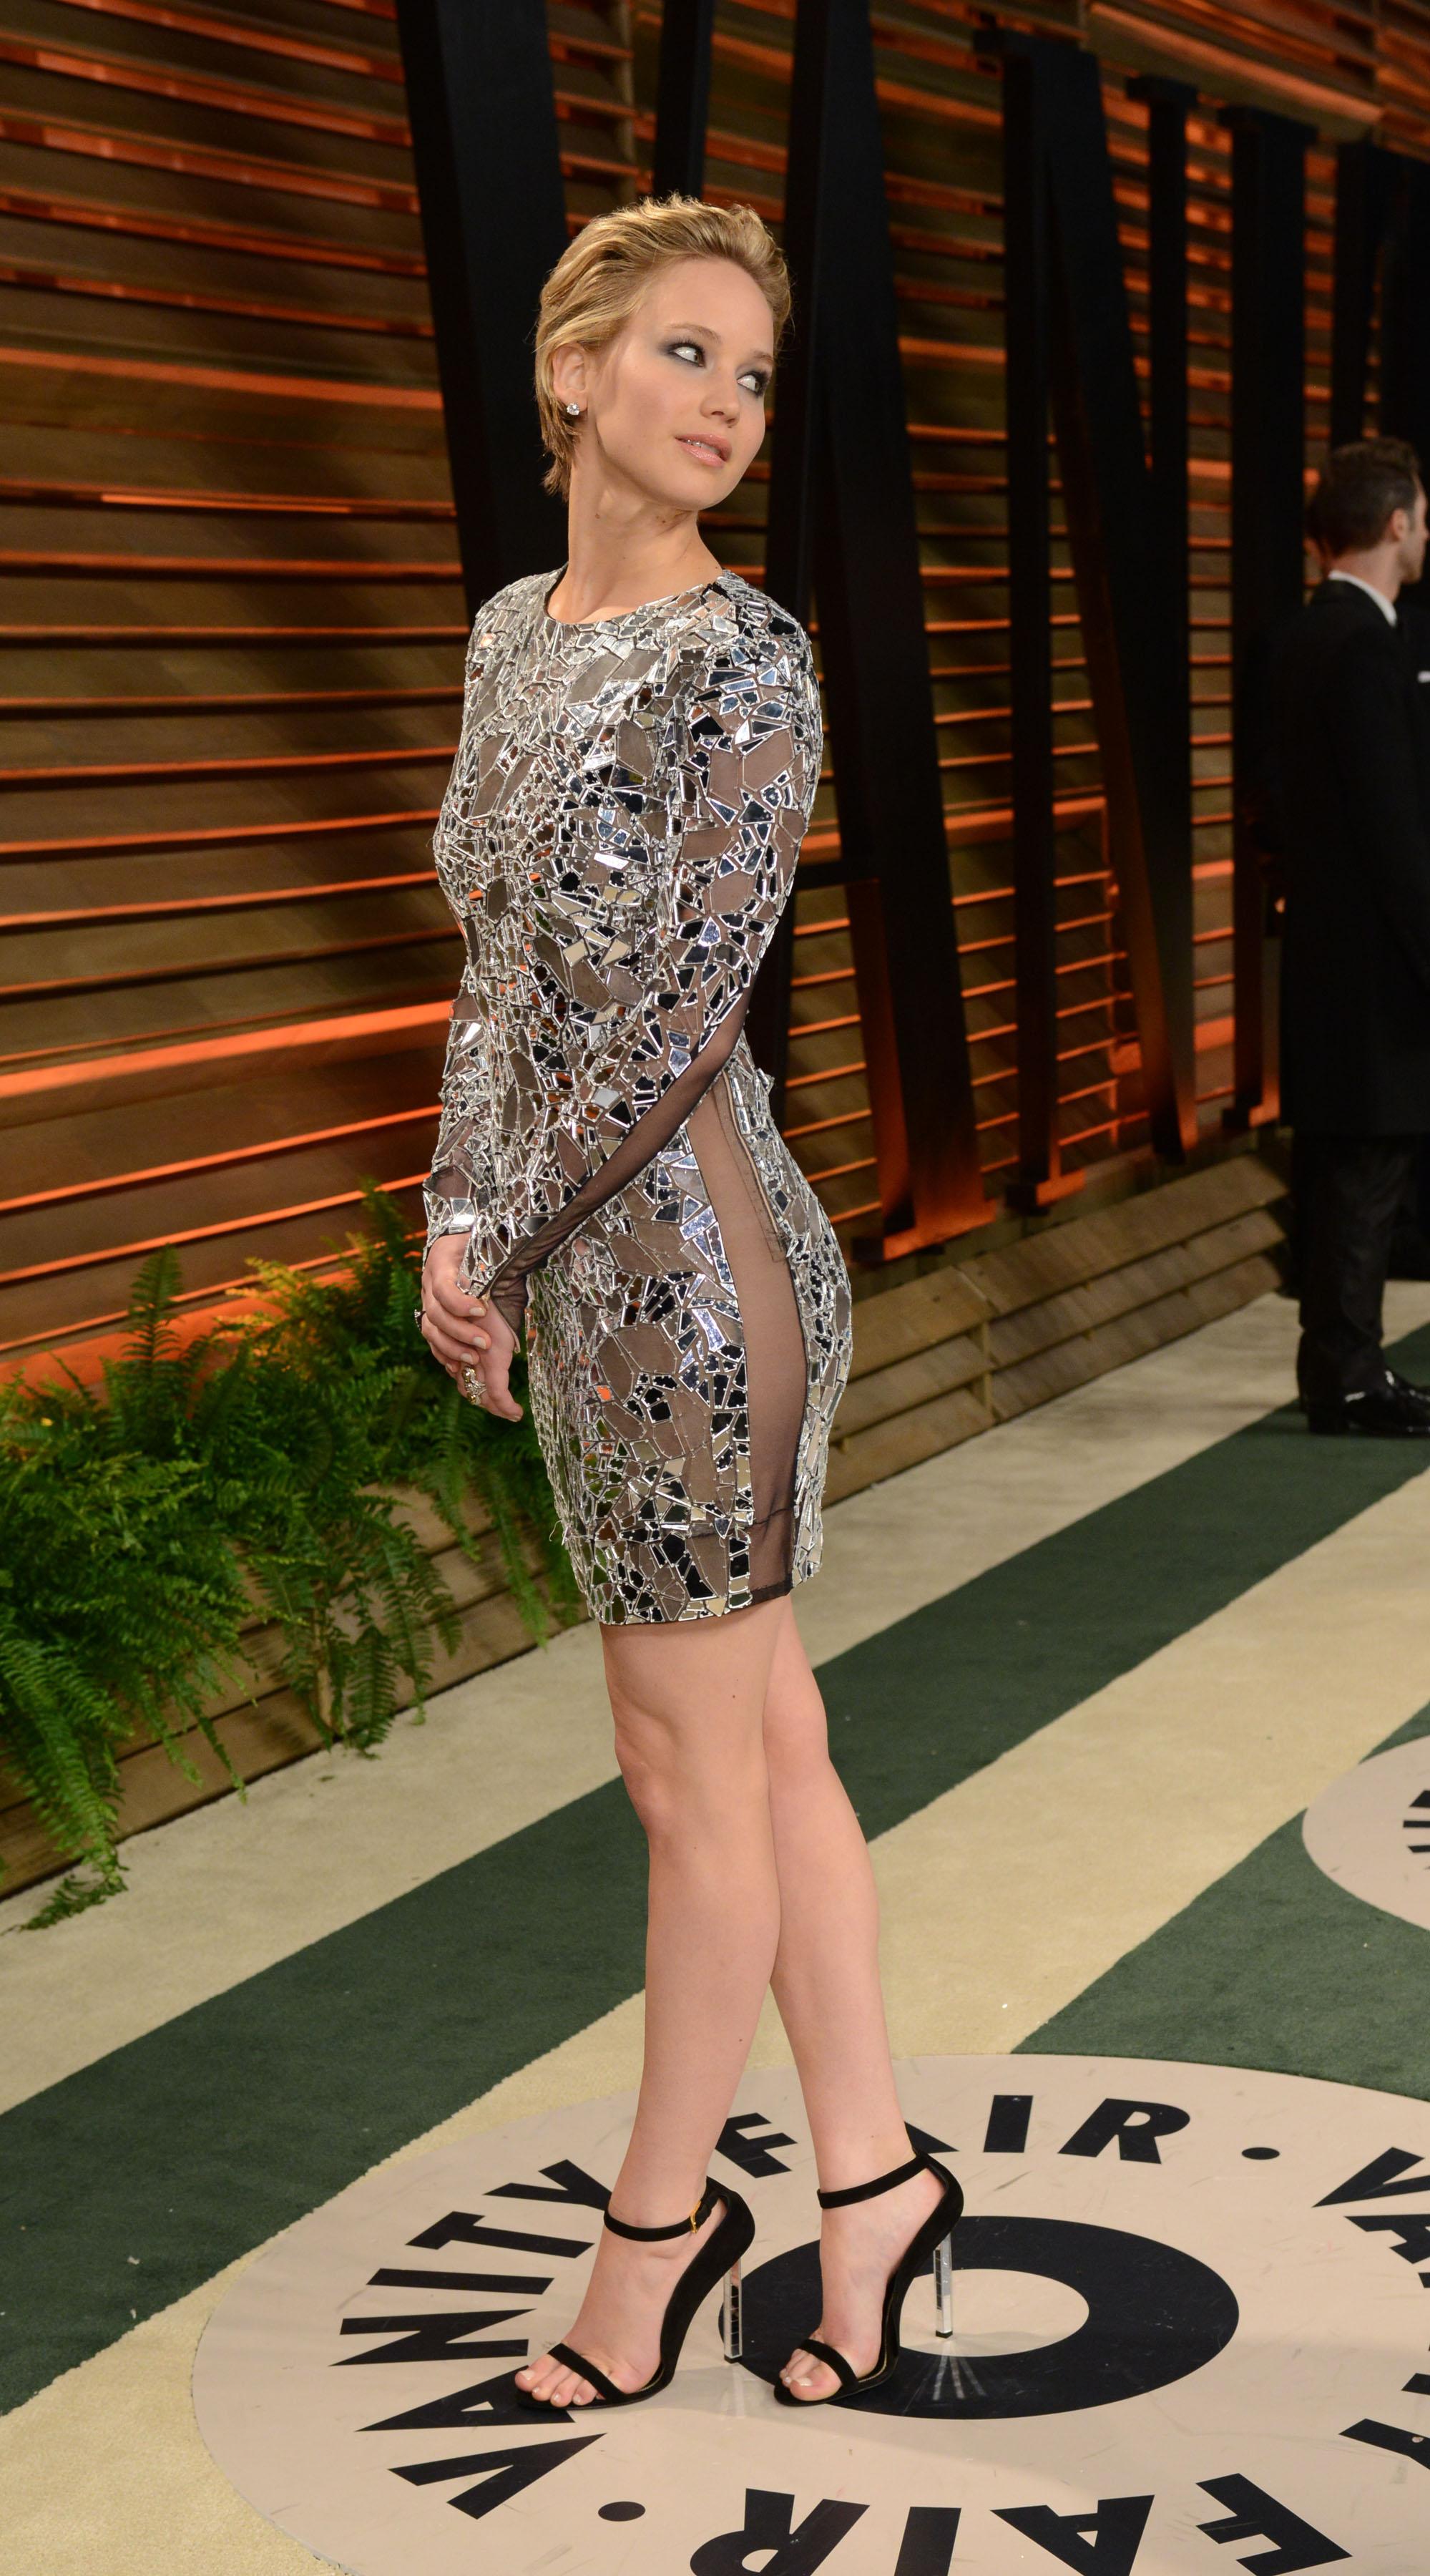 The 2014 Vanity Fair Oscar Party 178705 Photos The